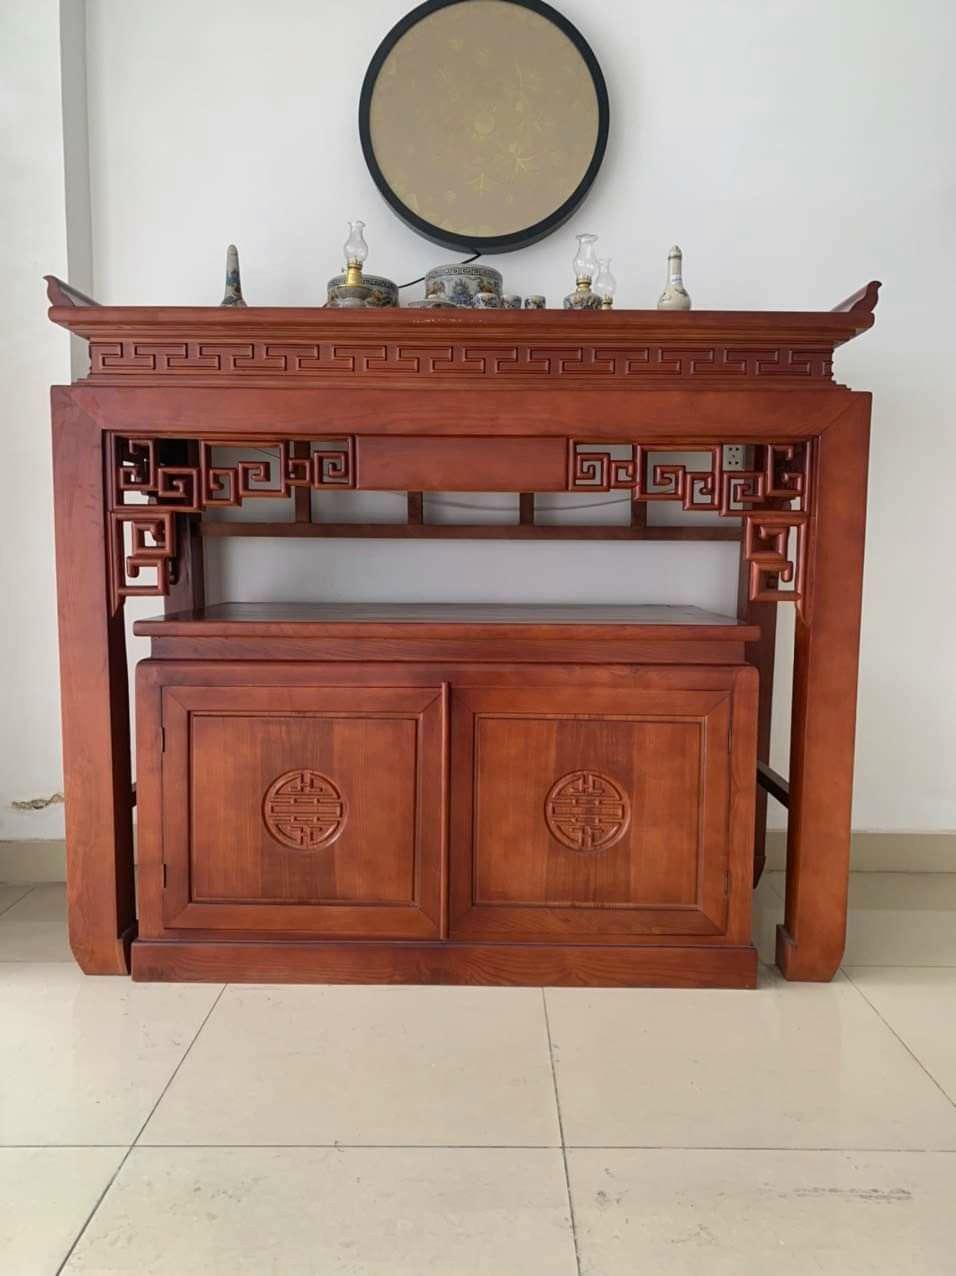 bàn thờ gỗ gụ trần mộc kết hợp với tủ đồ triện chữ vạn